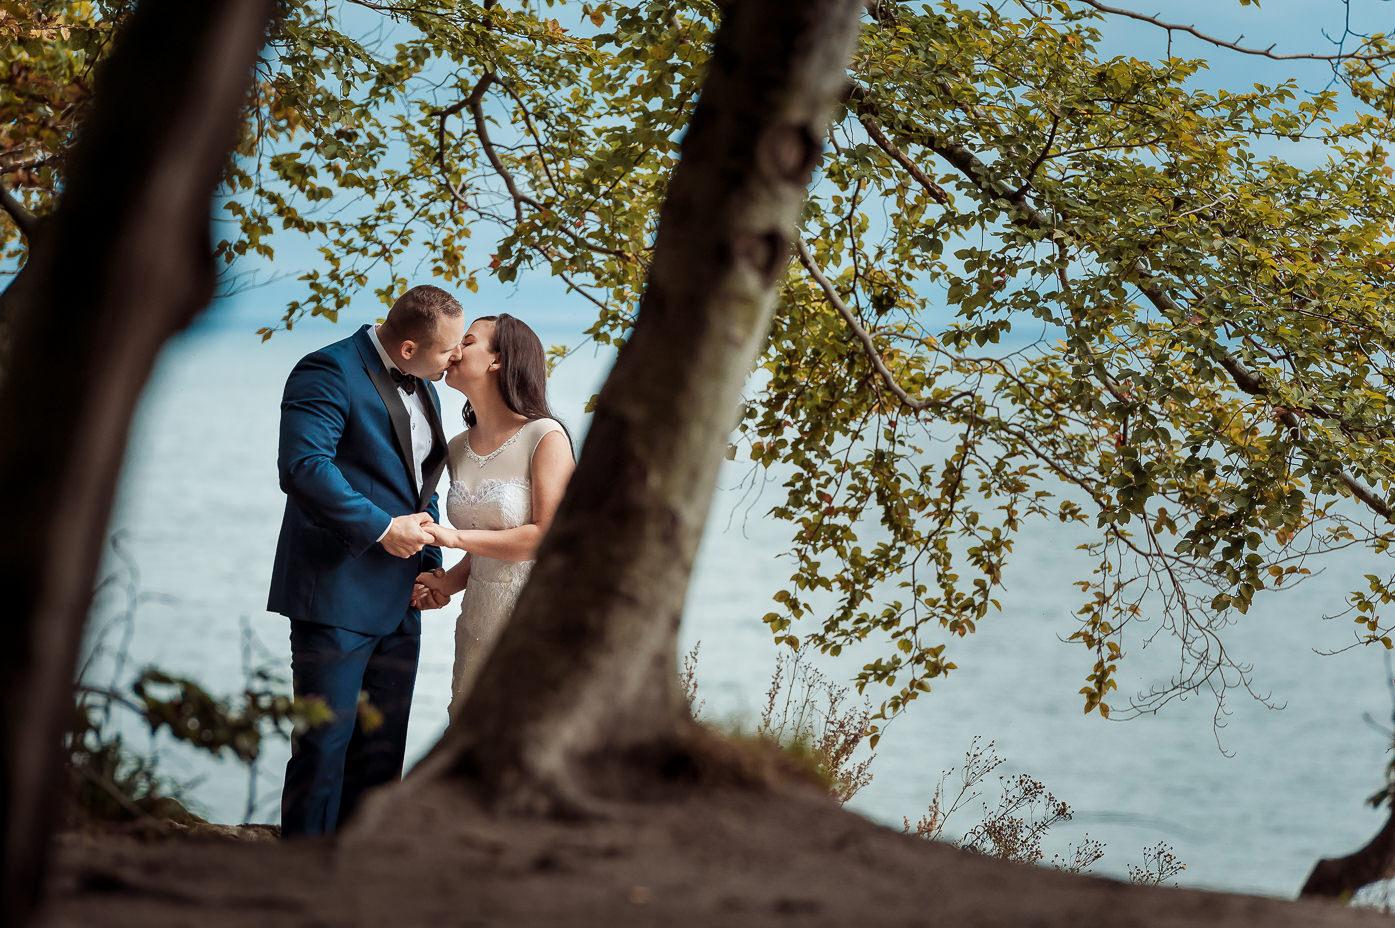 Fotografia ślubna Trójmiasto - zapadające w pamięć zdjęcia ślubne w Trójmieście i okolicach